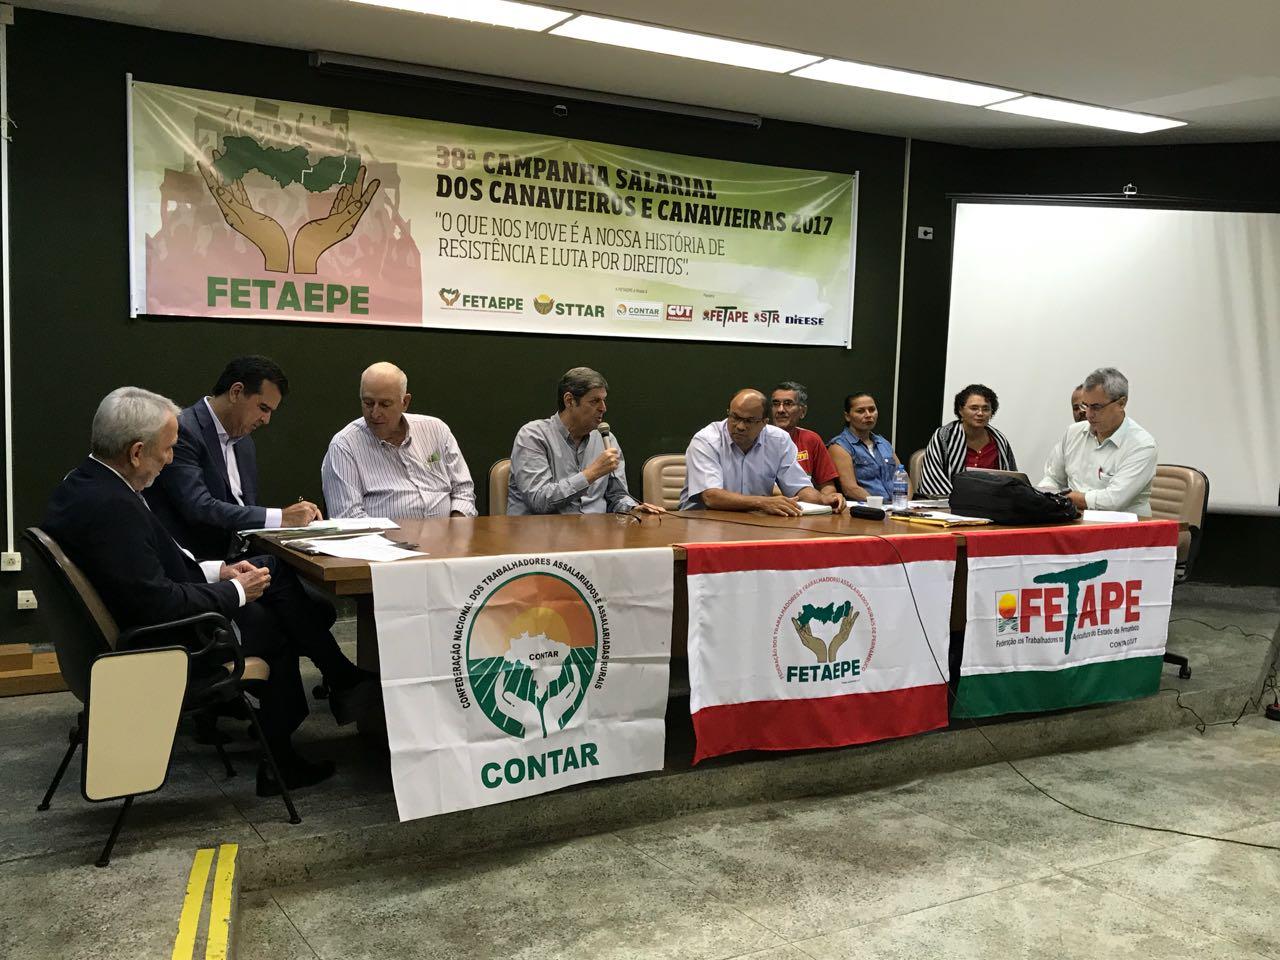 Na Superintendência Regional do Trabalho de Pernambuco, Renato Cunha, Presidente do SINDAÇÚCAR/PE, participando da negociação do Dissídio do Trabalhador Rural, hoje, dia 10/outubro/2017